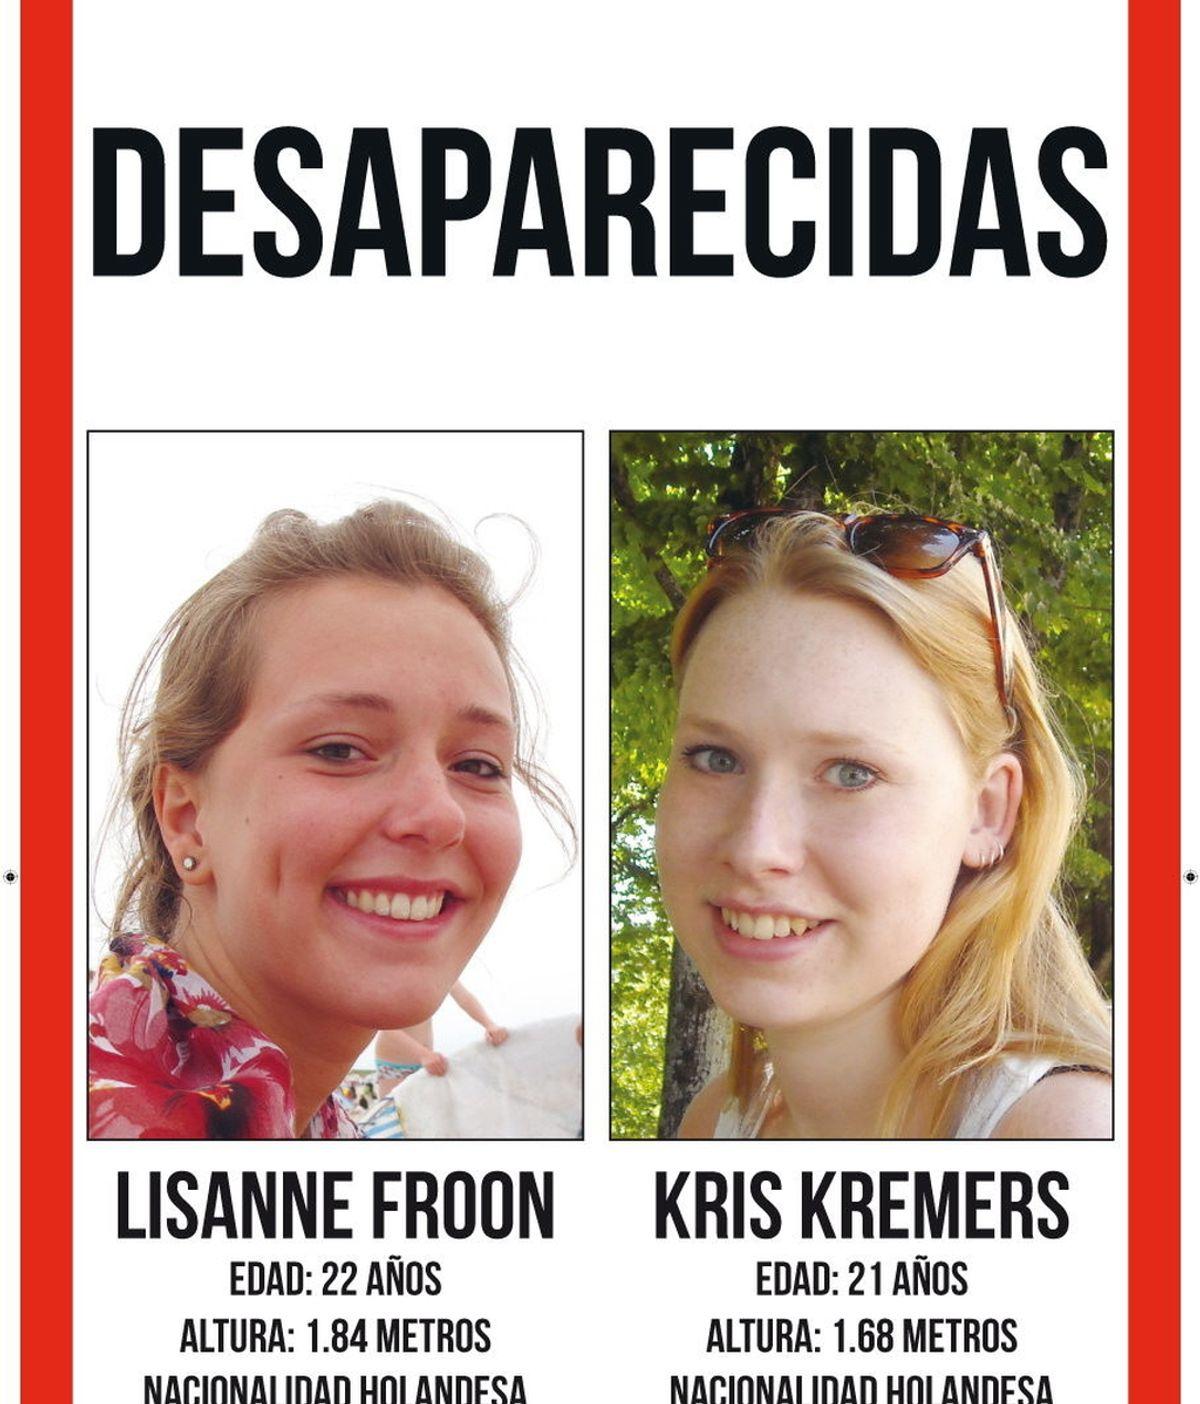 Dos jóvenes holandesas desaparecidas en Panamá